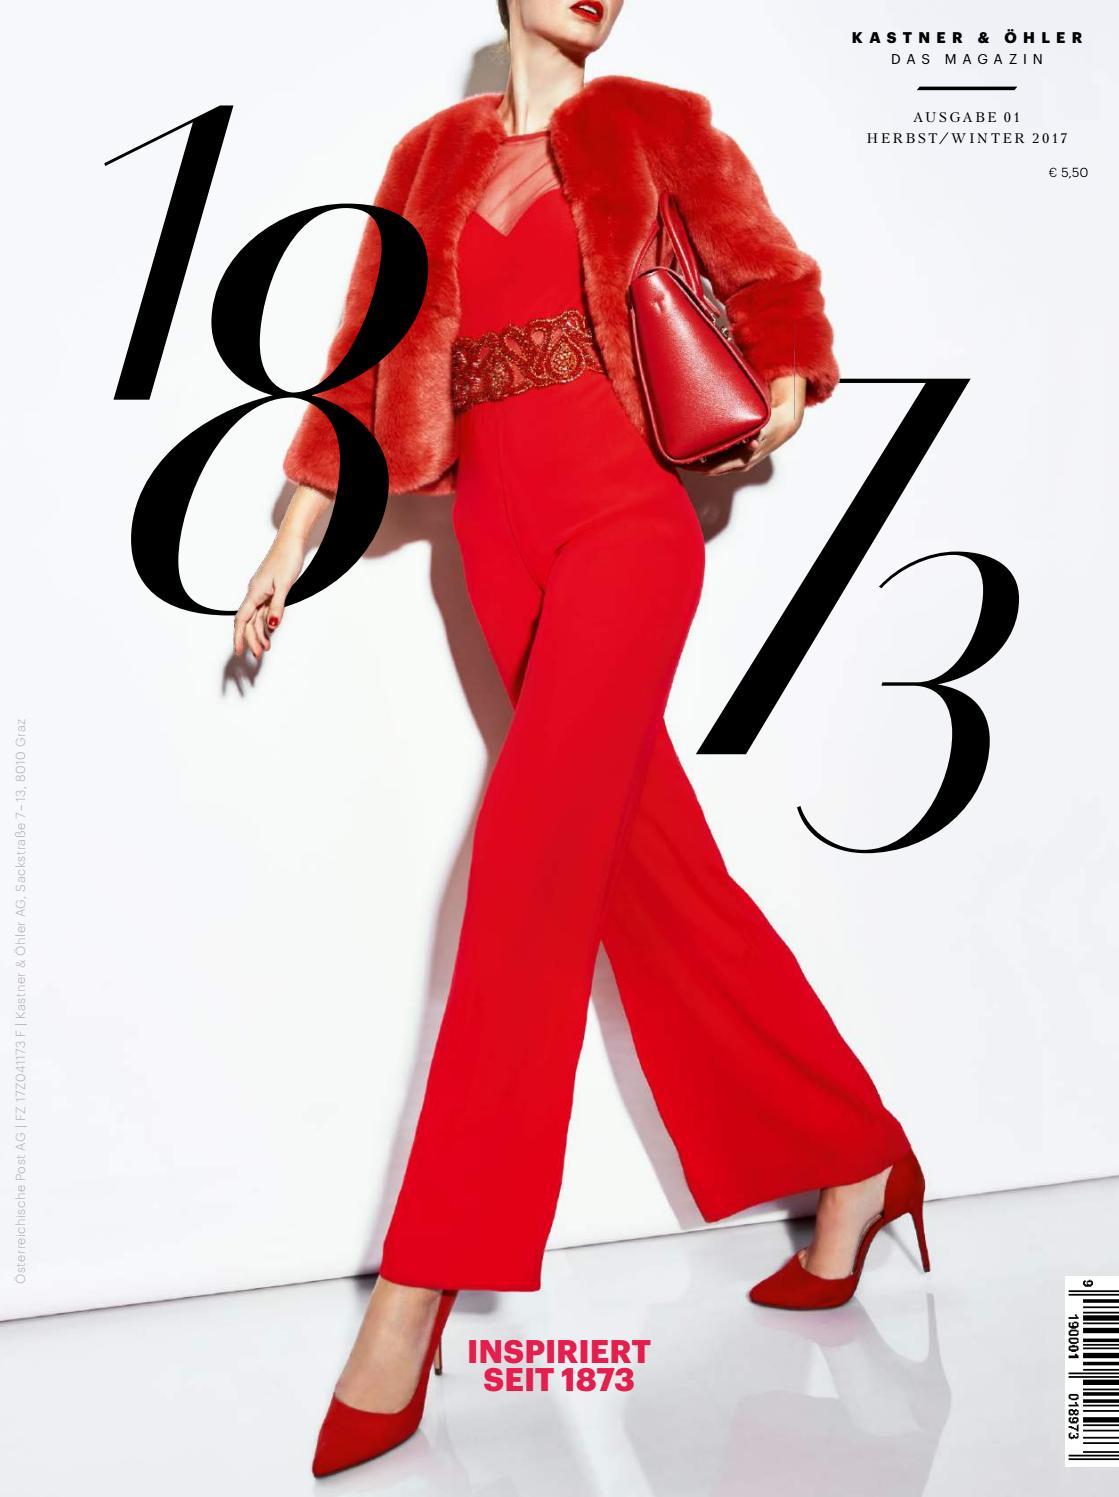 18dc76cc4f5075 1873 - Das Magazin 1/2017 by Alba Verlag - issuu